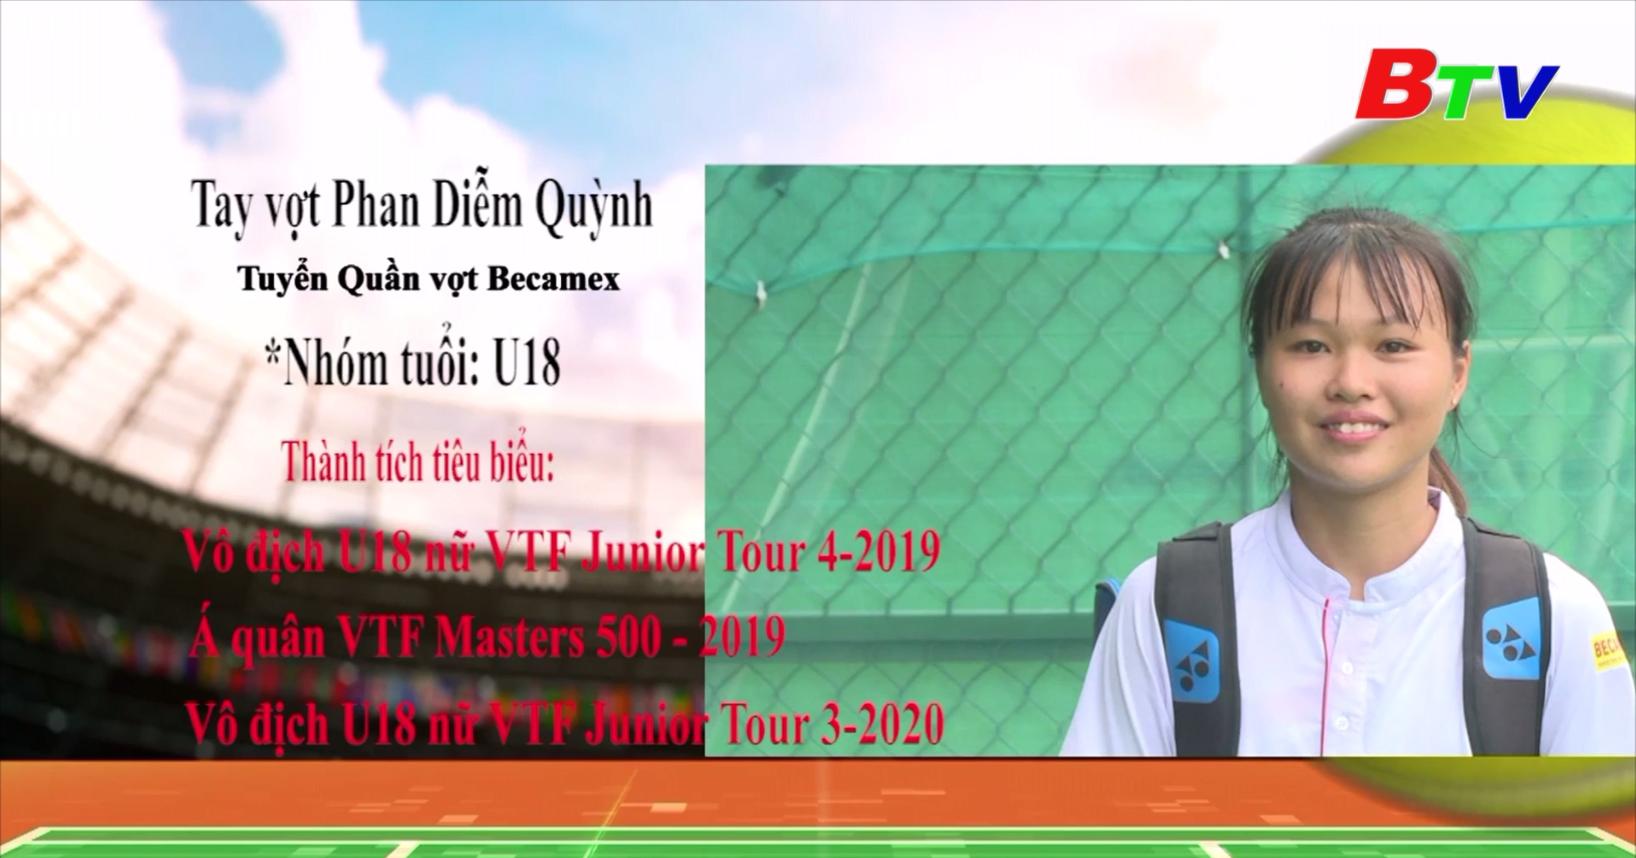 Chân dung tay vợt Phan Diễm Quỳnh - Đội tuyển quần vợt Becamex Bình Dương